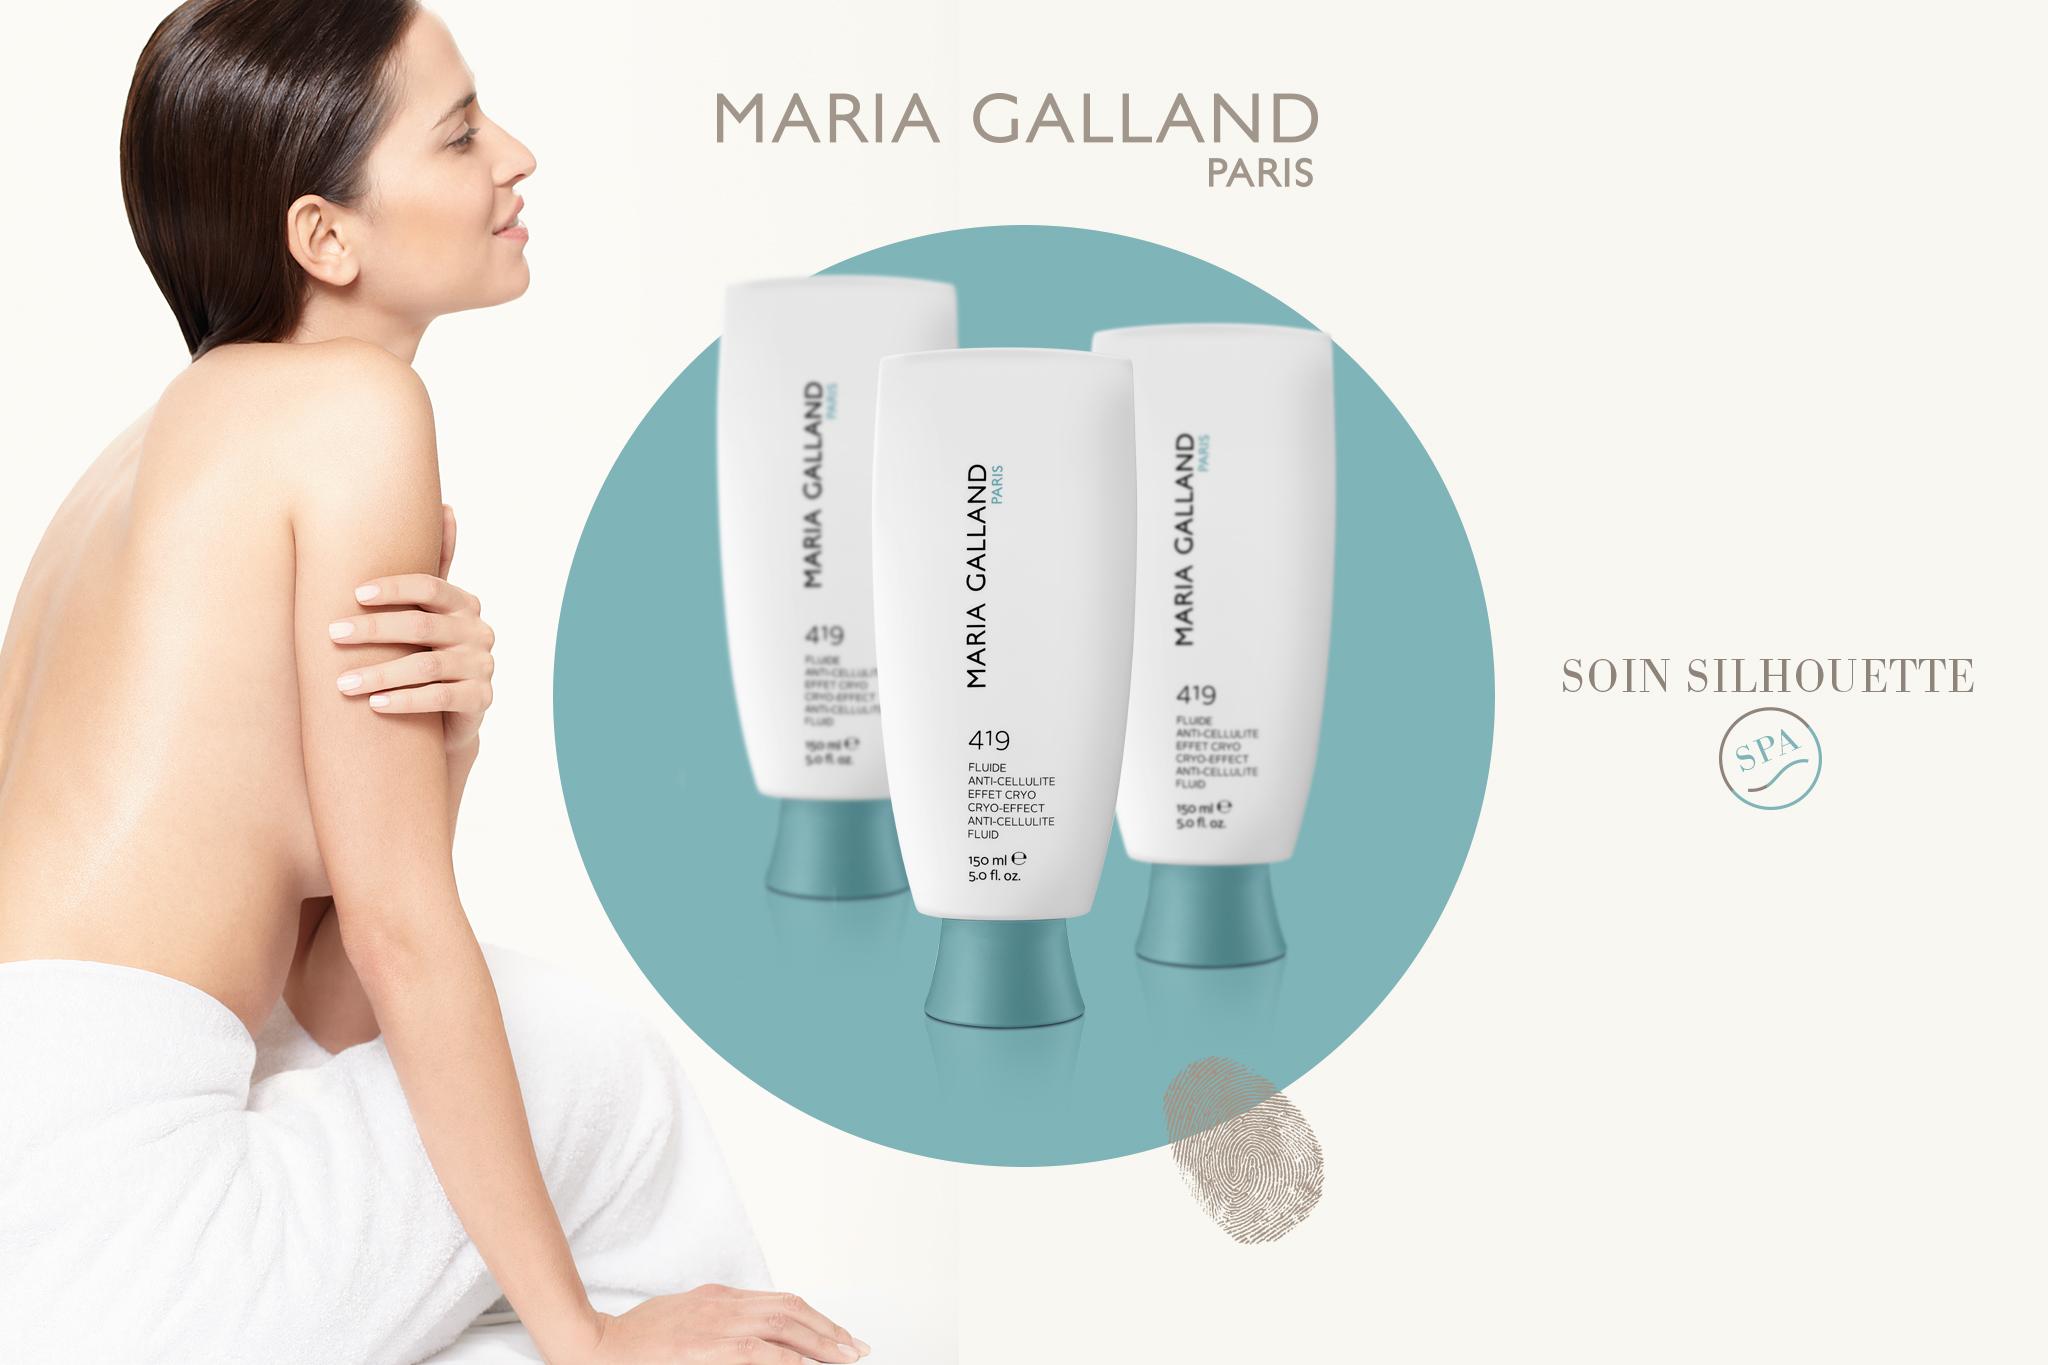 produkte-maria-galland-wiesbaden-2